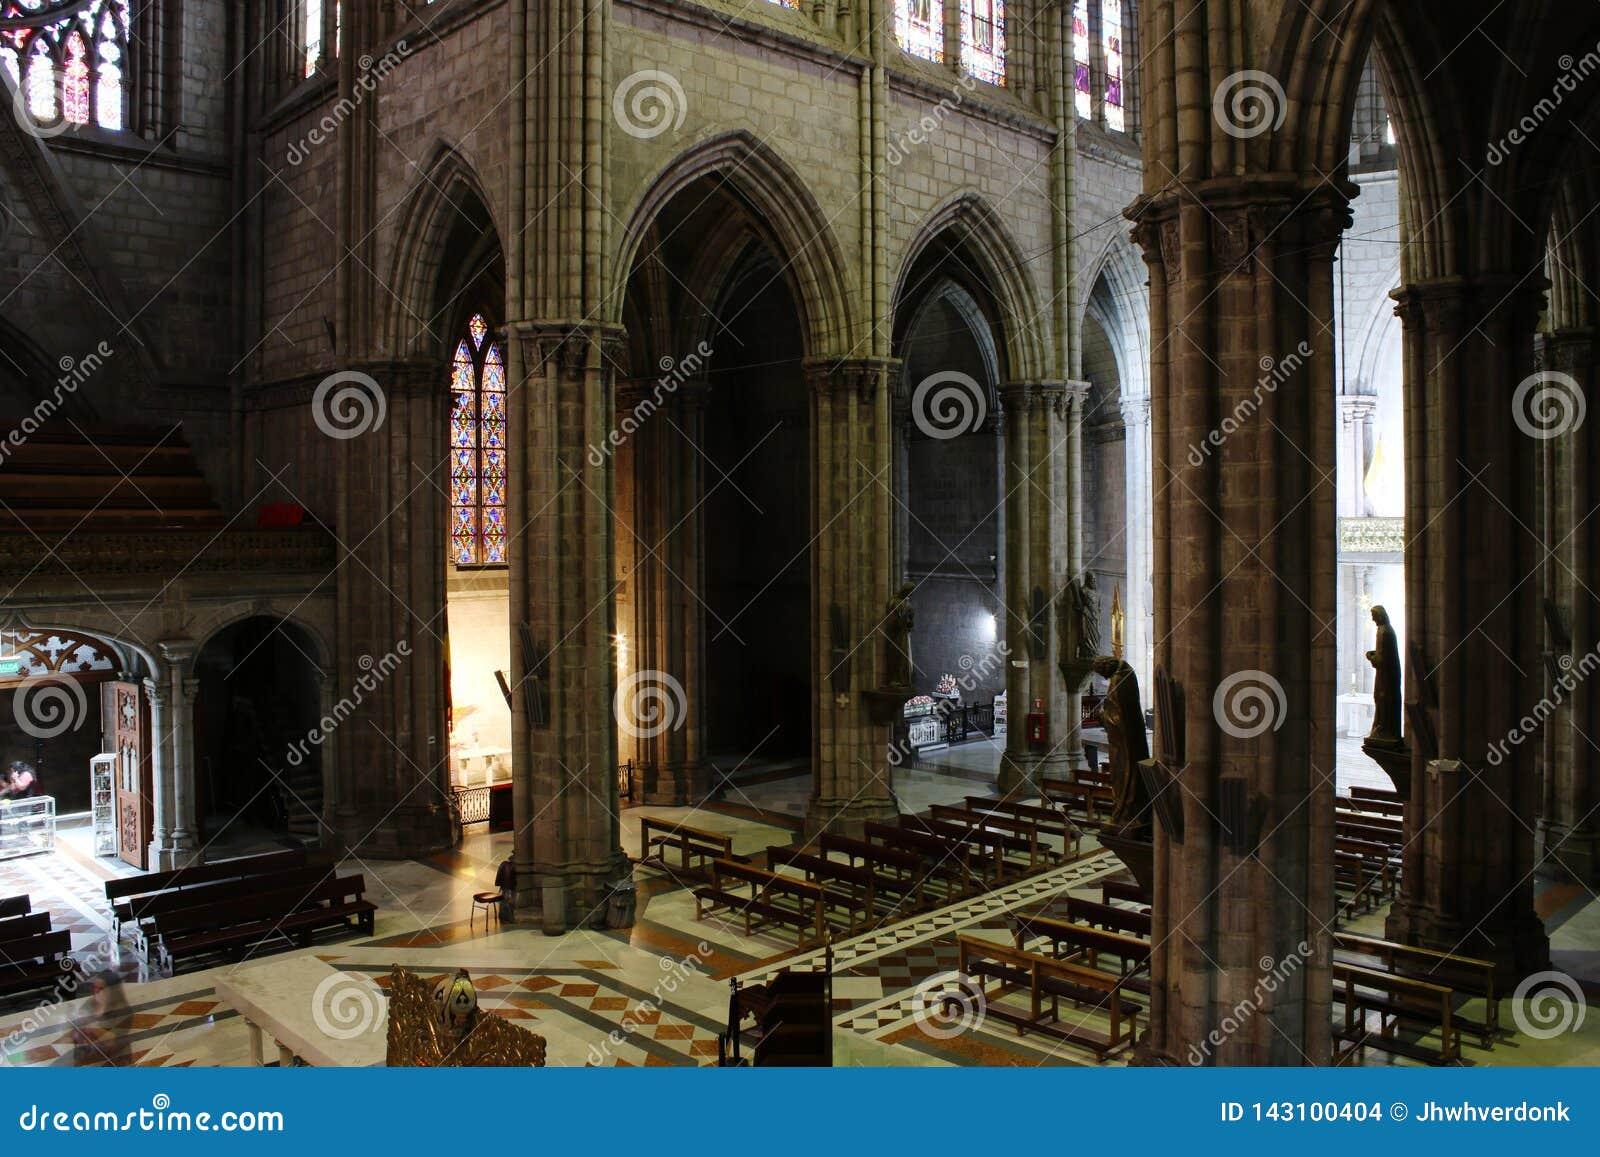 Άποψη άνωθεν σχετικά με το εσωτερικό μιας μεγάλης νεω γοτθικής catolic εκκλησίας στο Κουίτο Ισημερινός